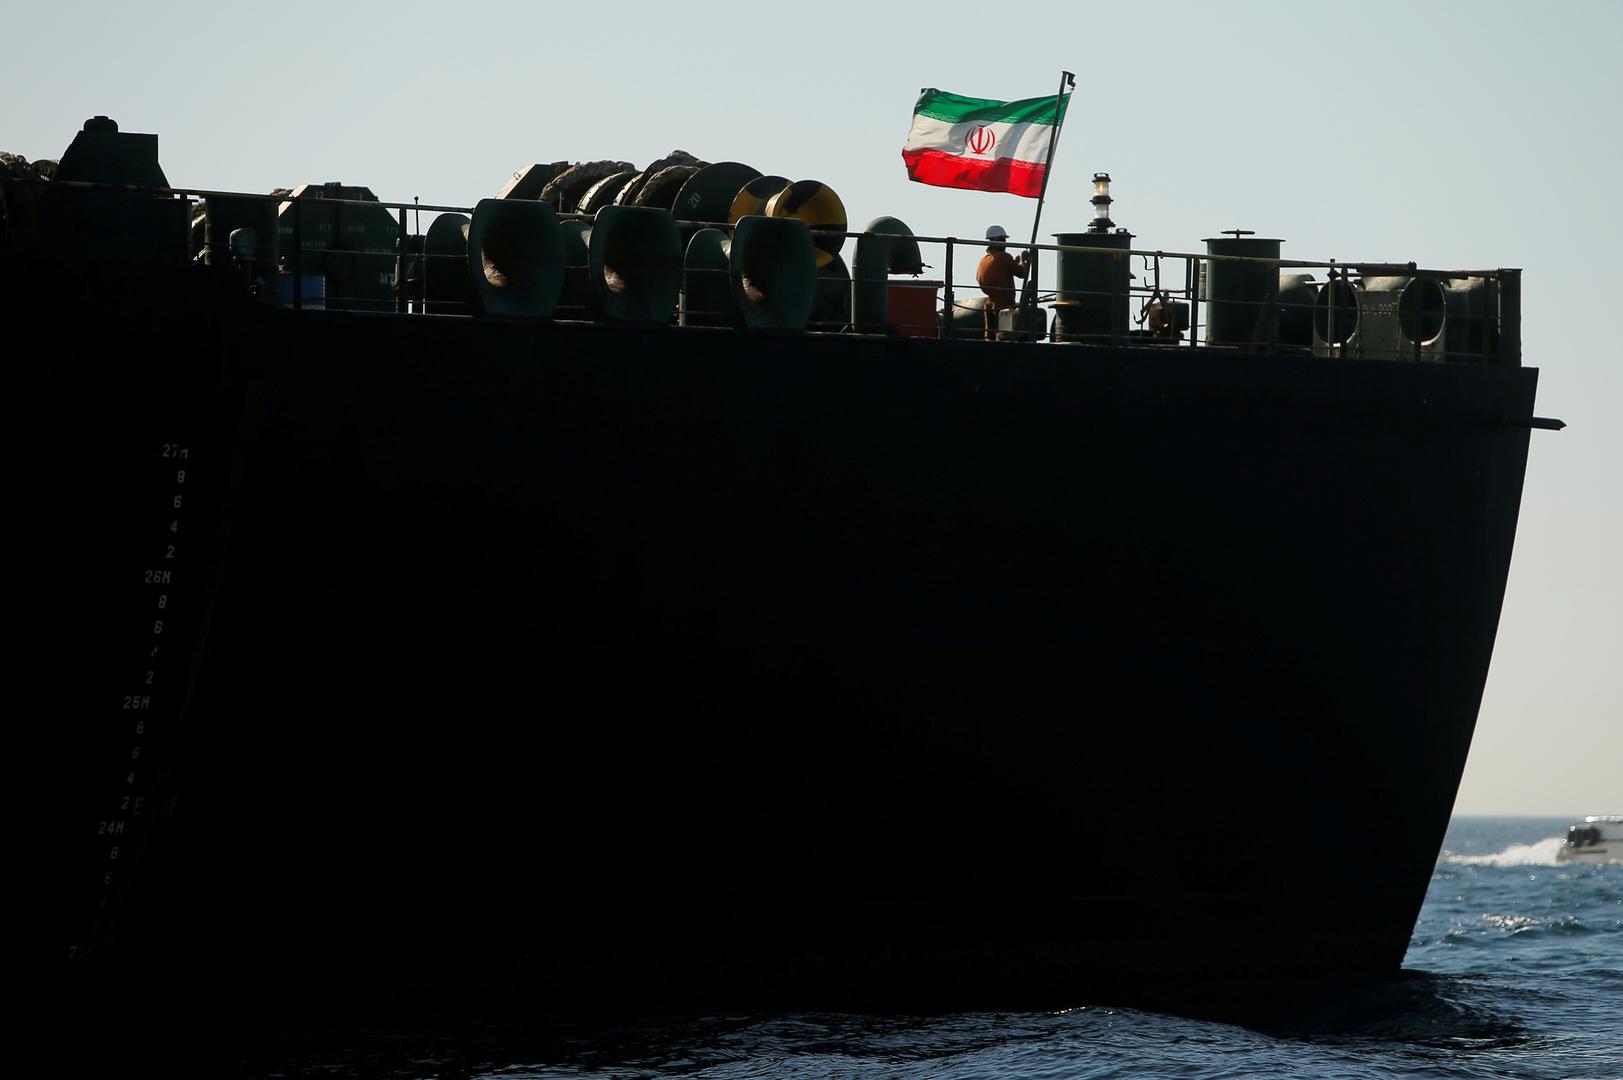 ارتفاع صادرات النفط الإيرانية في يناير رغم العقوبات الأمريكية